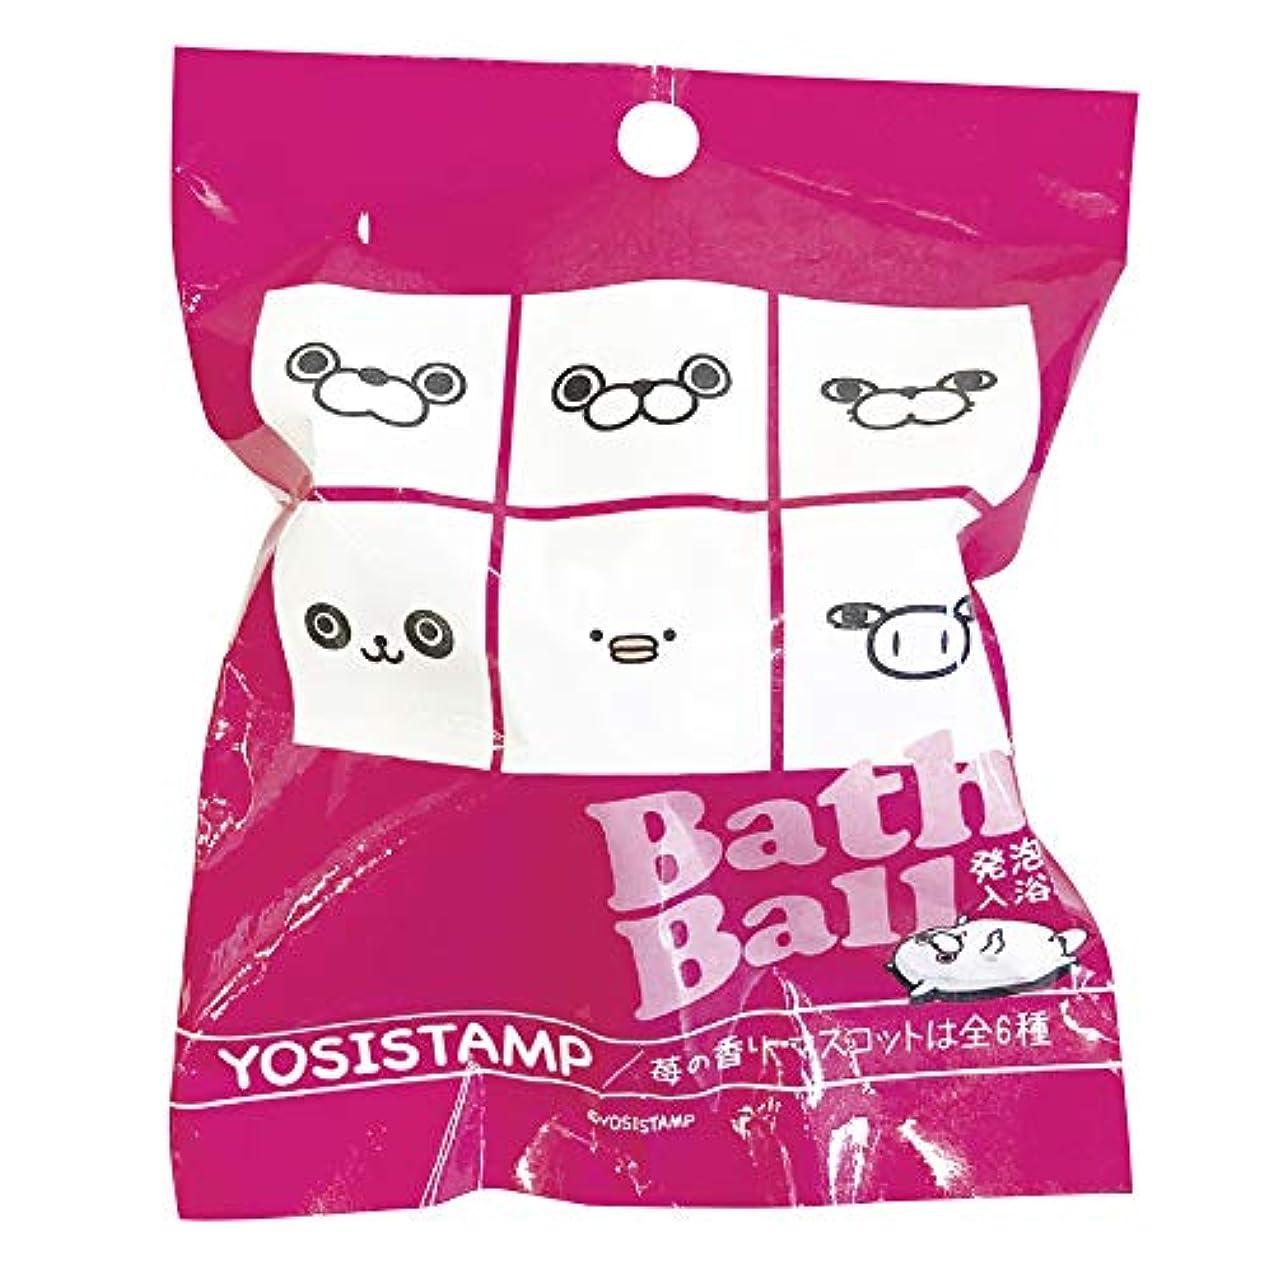 ドロップ卒業変わるヨッシースタンプ 入浴剤 バスボール おまけ付き イチゴの香り ABD-004-002